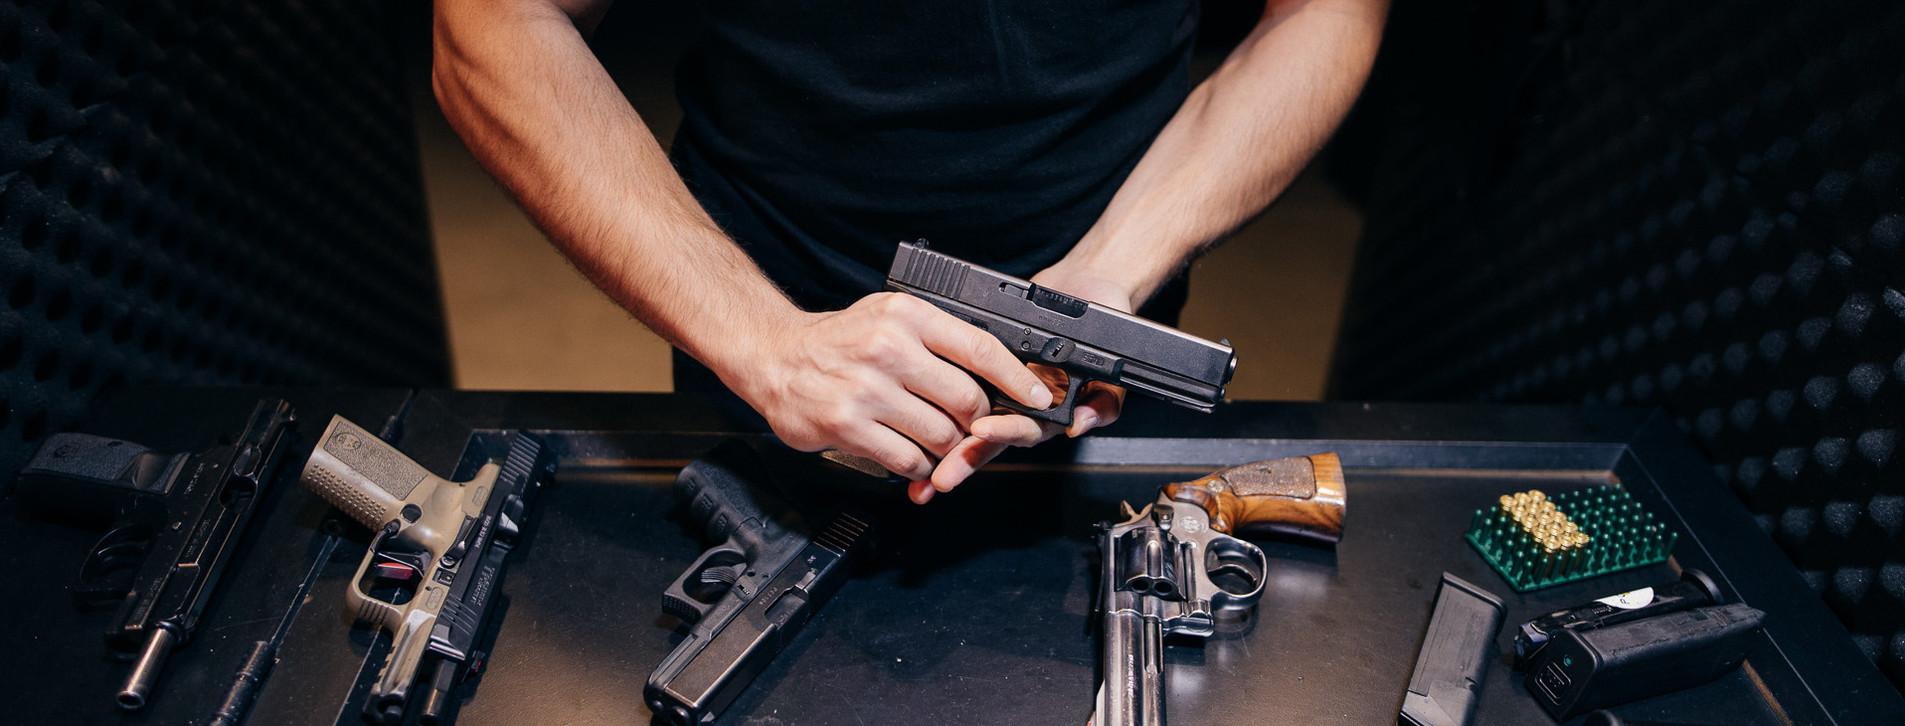 Fotoğraf - İki Kişi için Poligon'da Silahla Atış